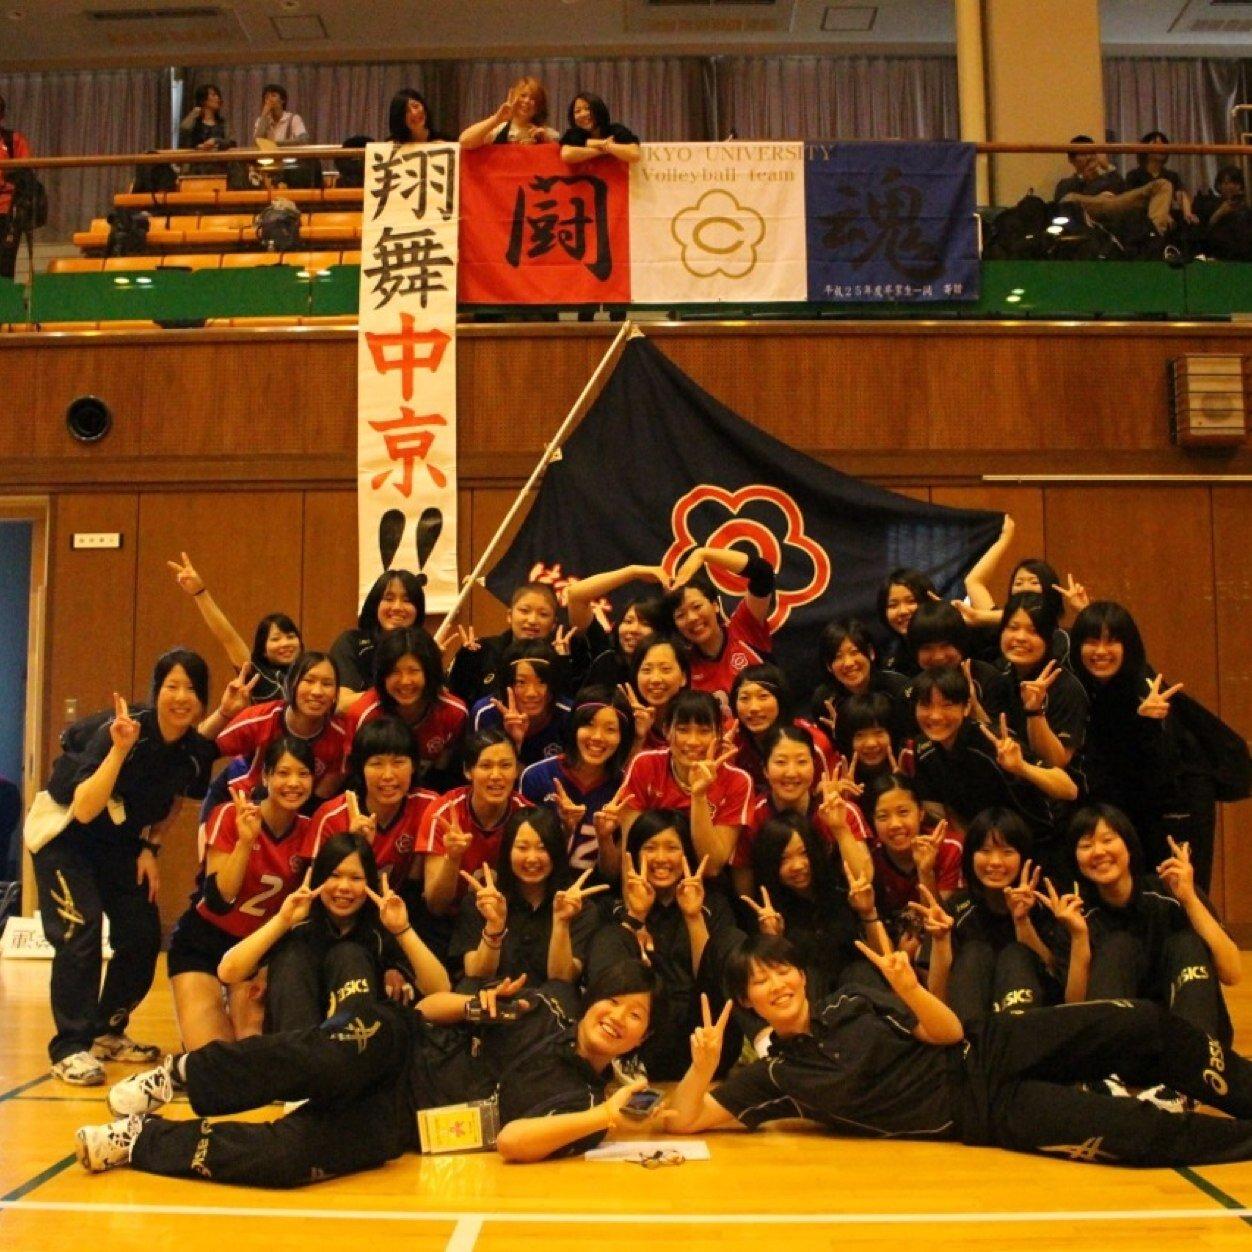 中京大学女子バレーボール部